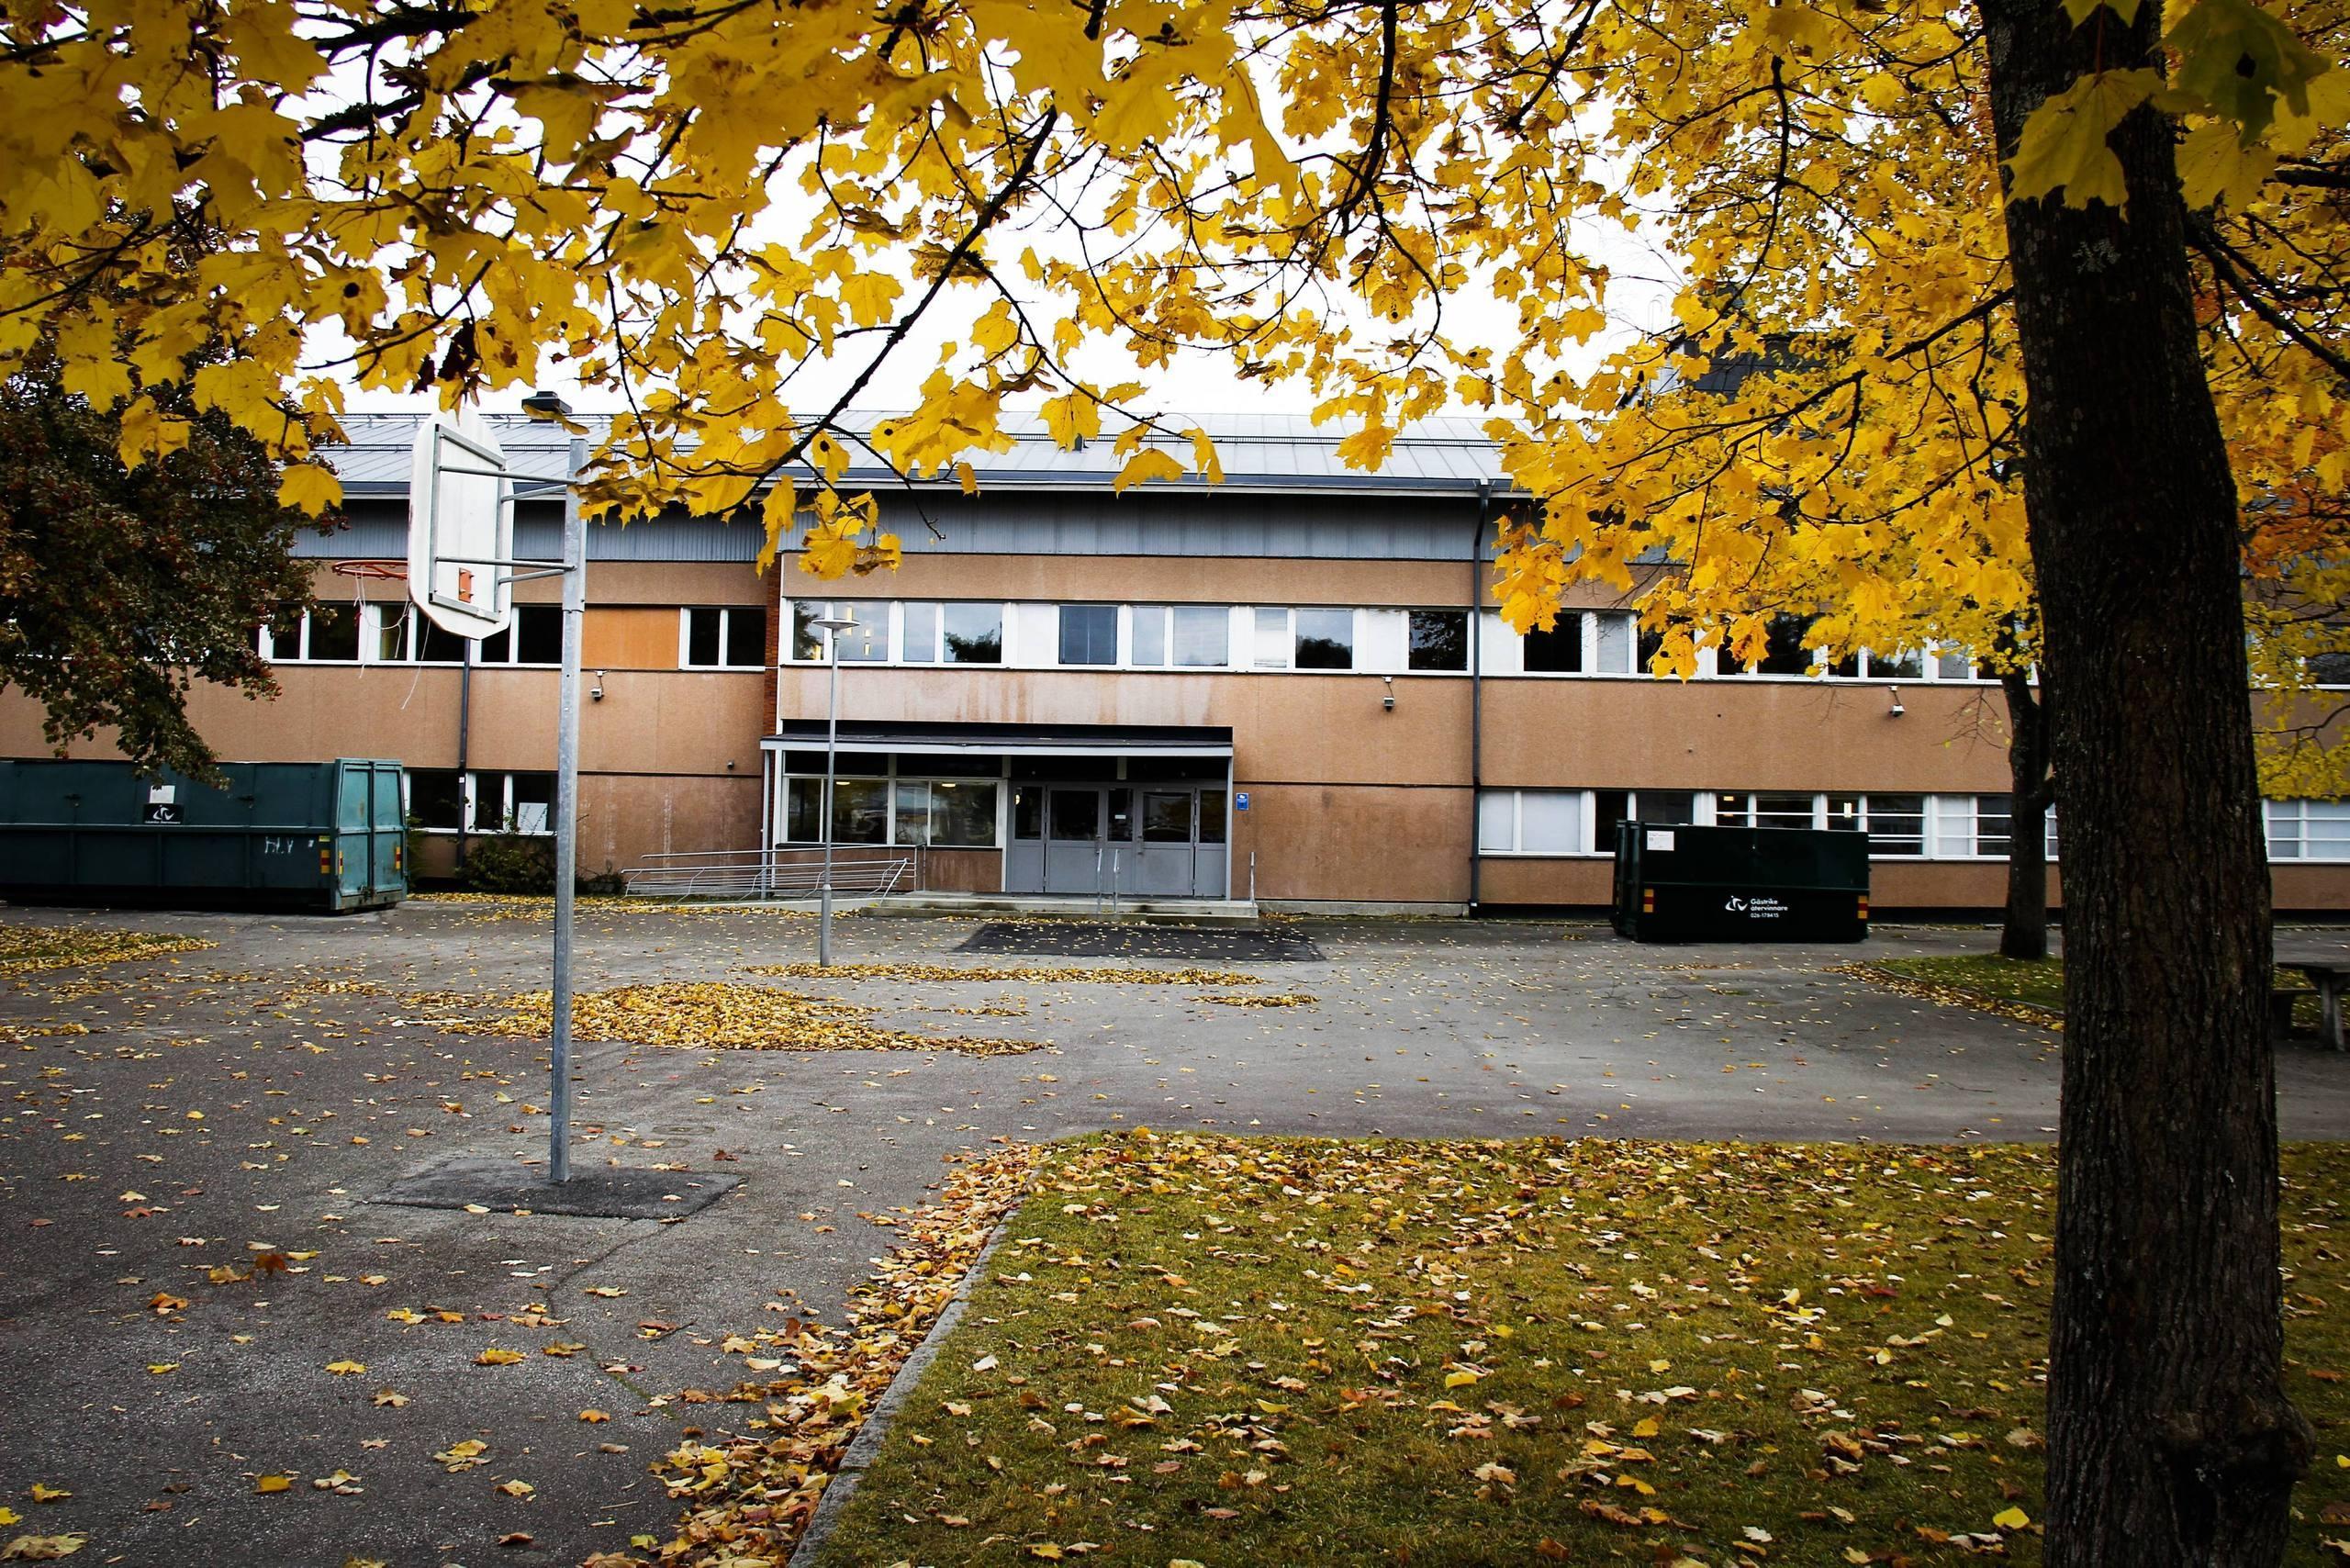 sörbyskolan 50 år Gävles skolor renoveras för 750 miljoner   nu börjar Sörbyskolan  sörbyskolan 50 år